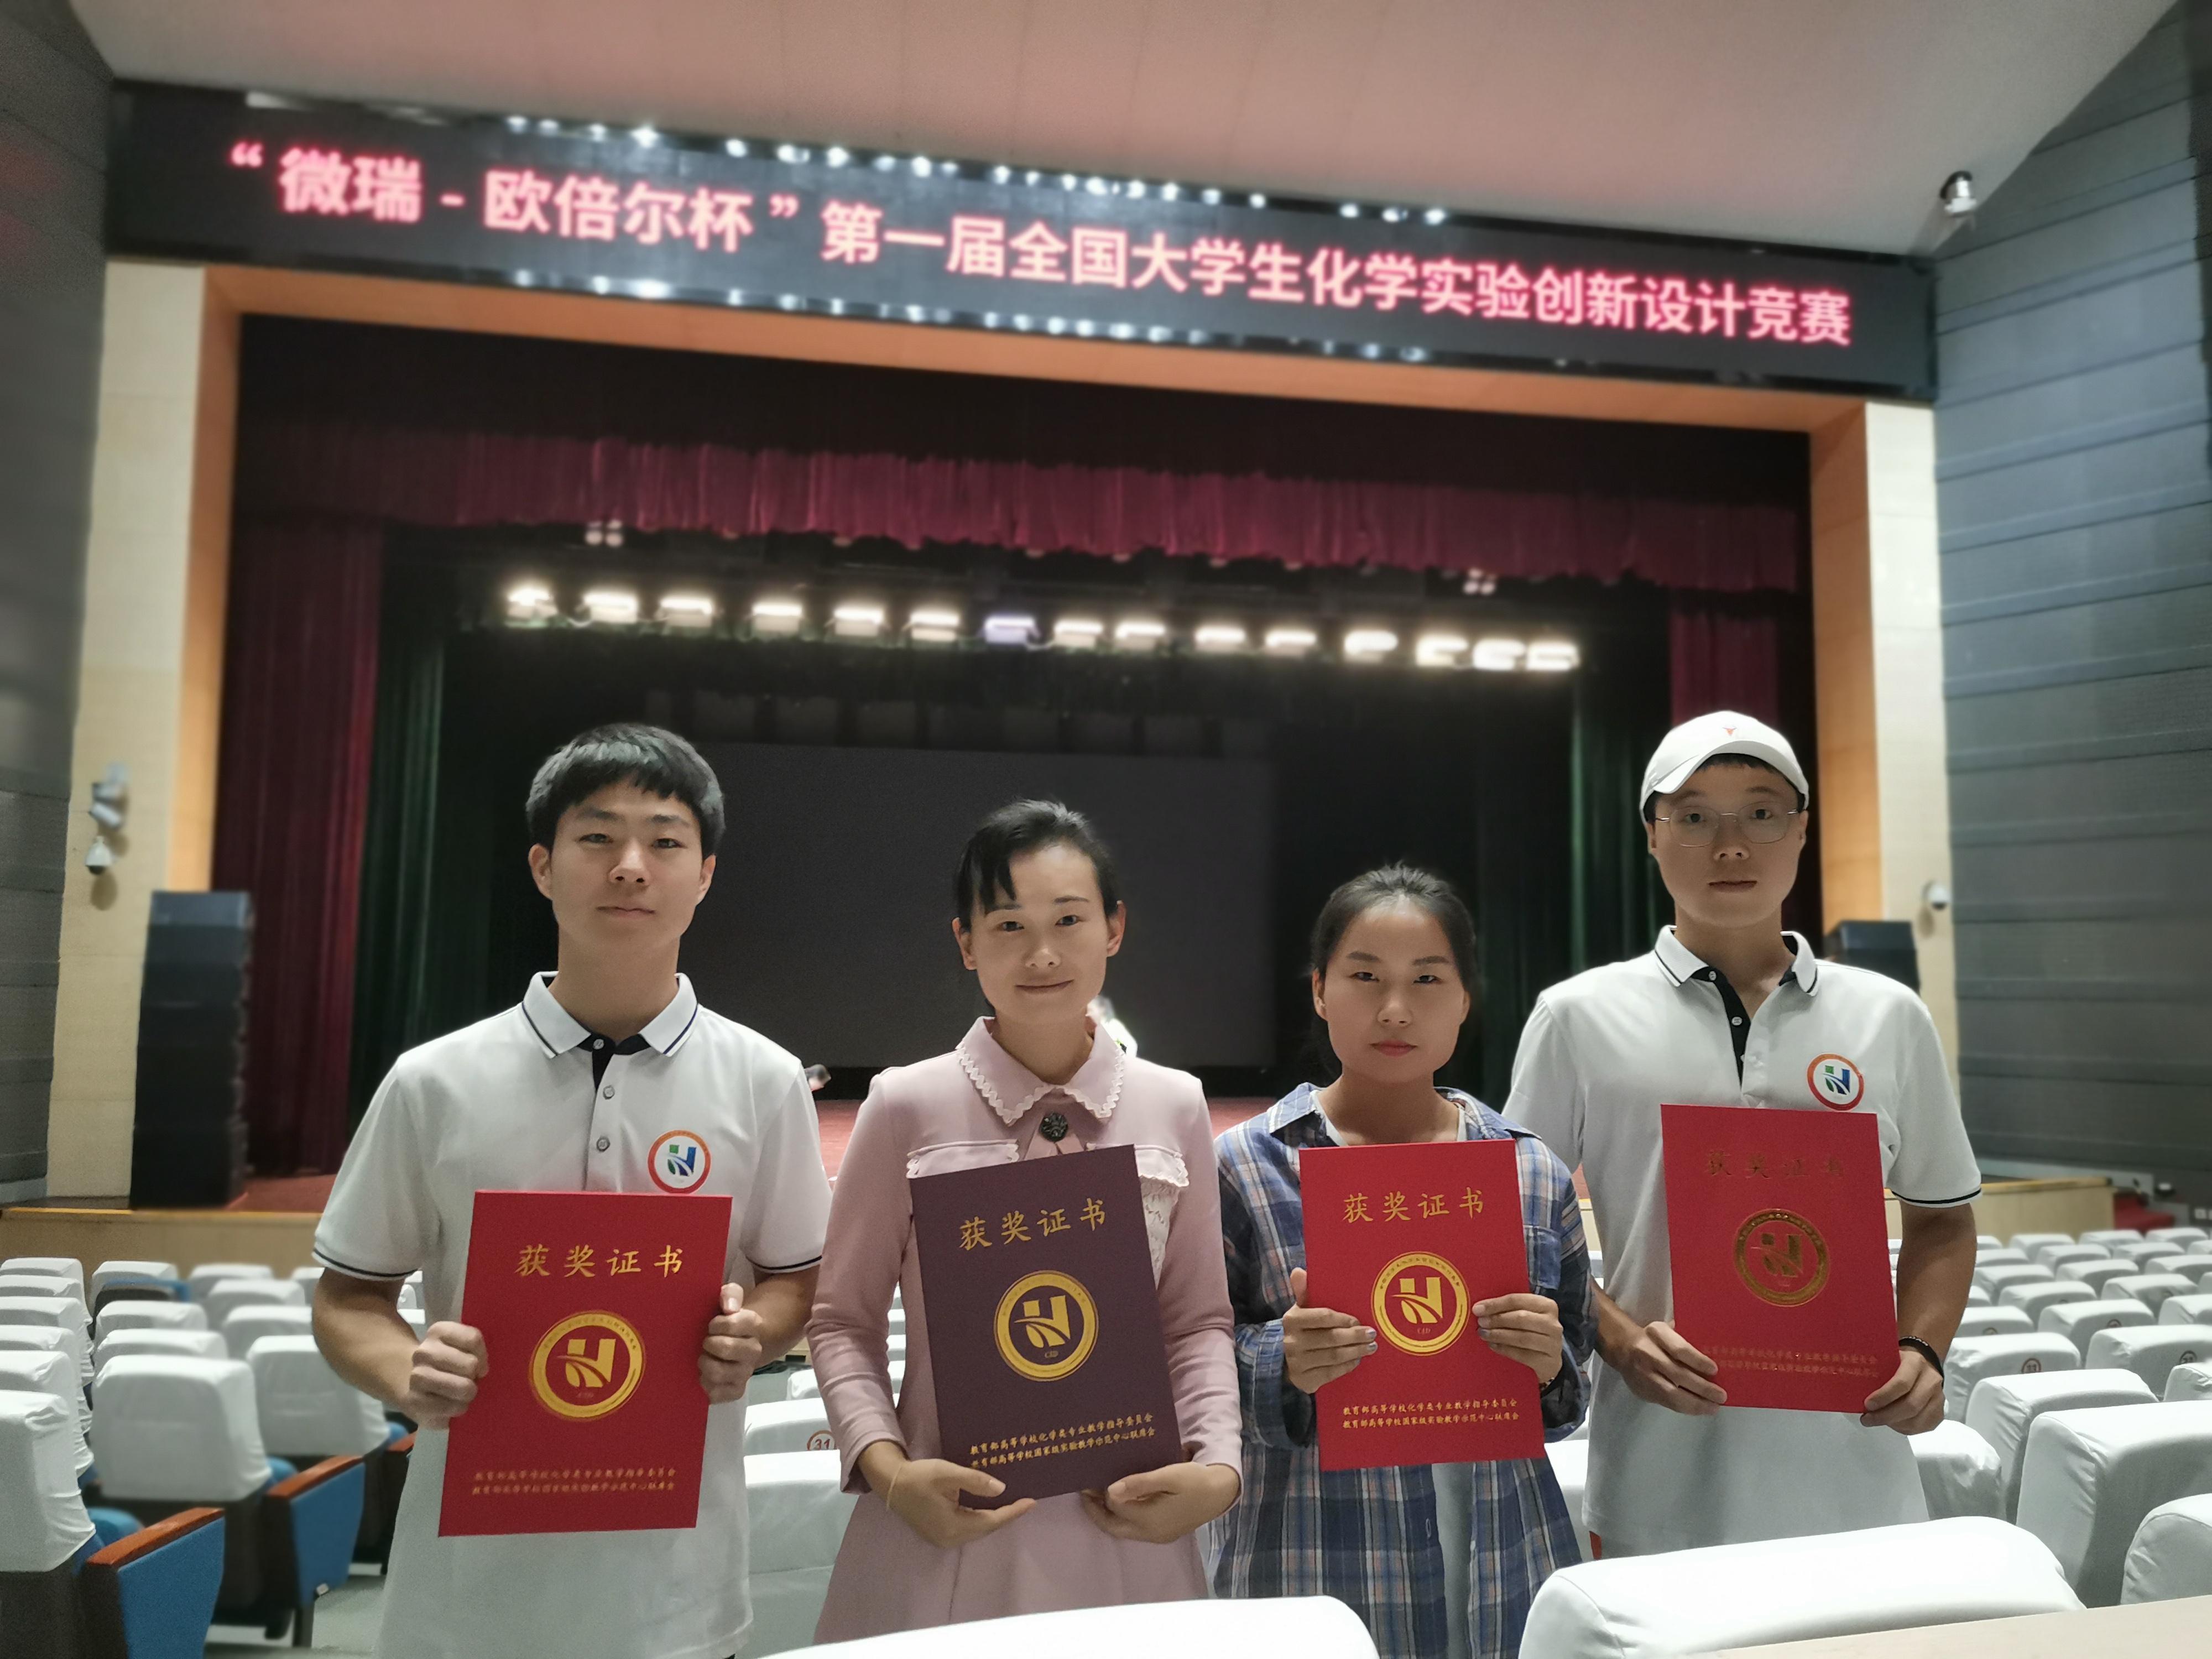 我校學子在獲全國大學生化學實驗創新設計競賽二等獎